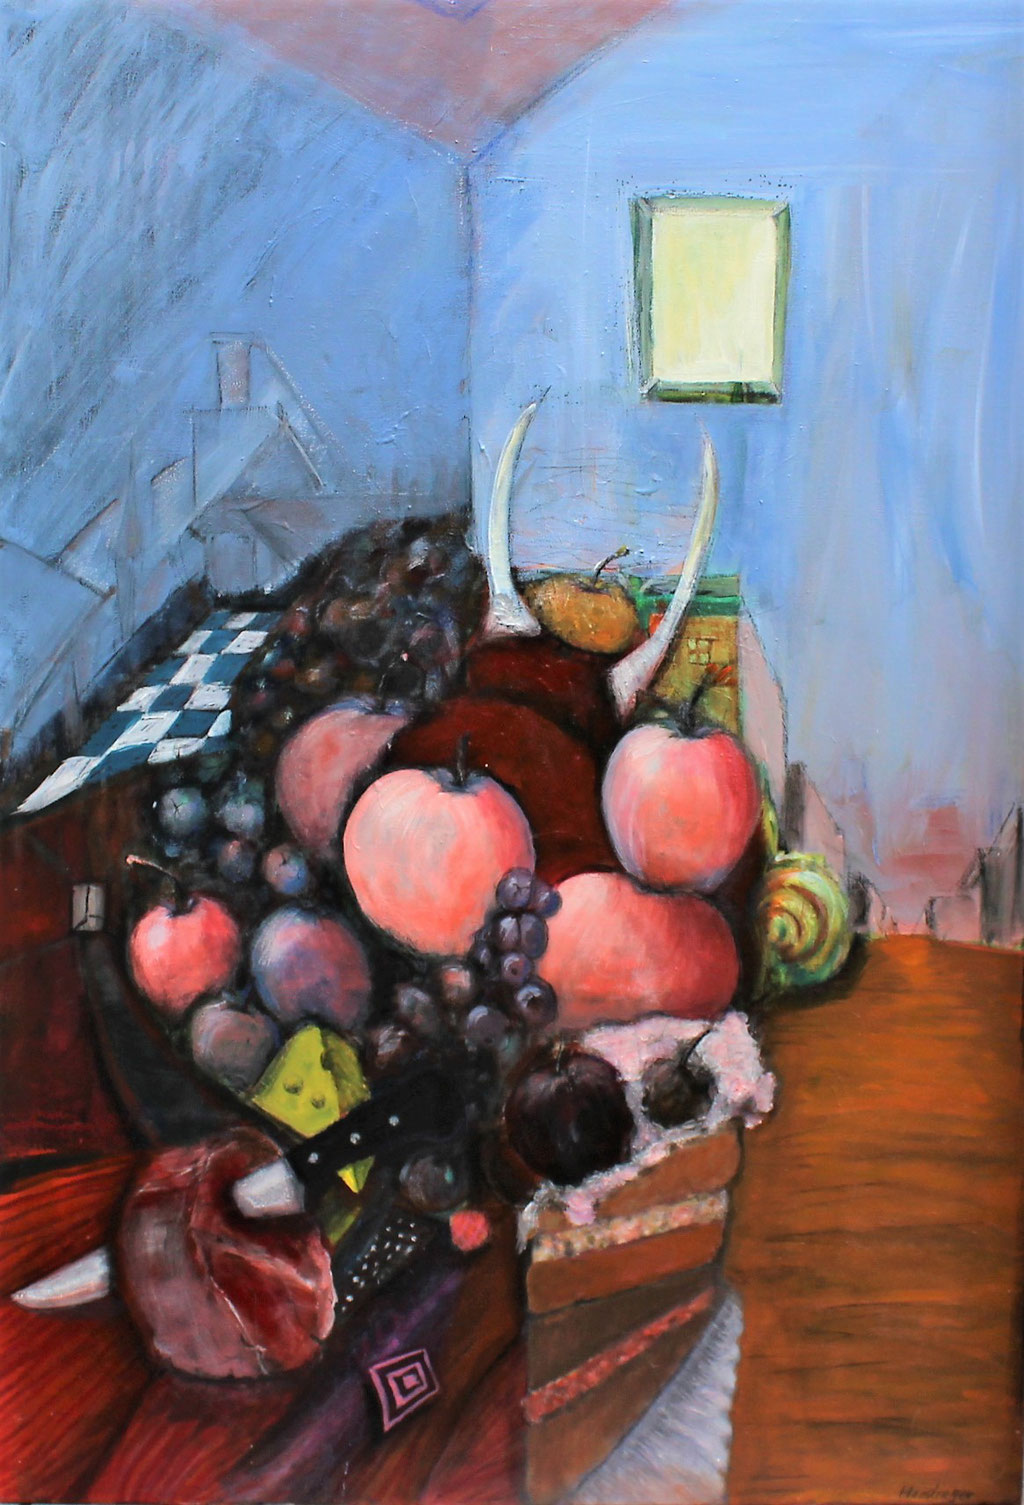 weitblick-jause - 70 x 100 cm, Acryl auf Leinwand